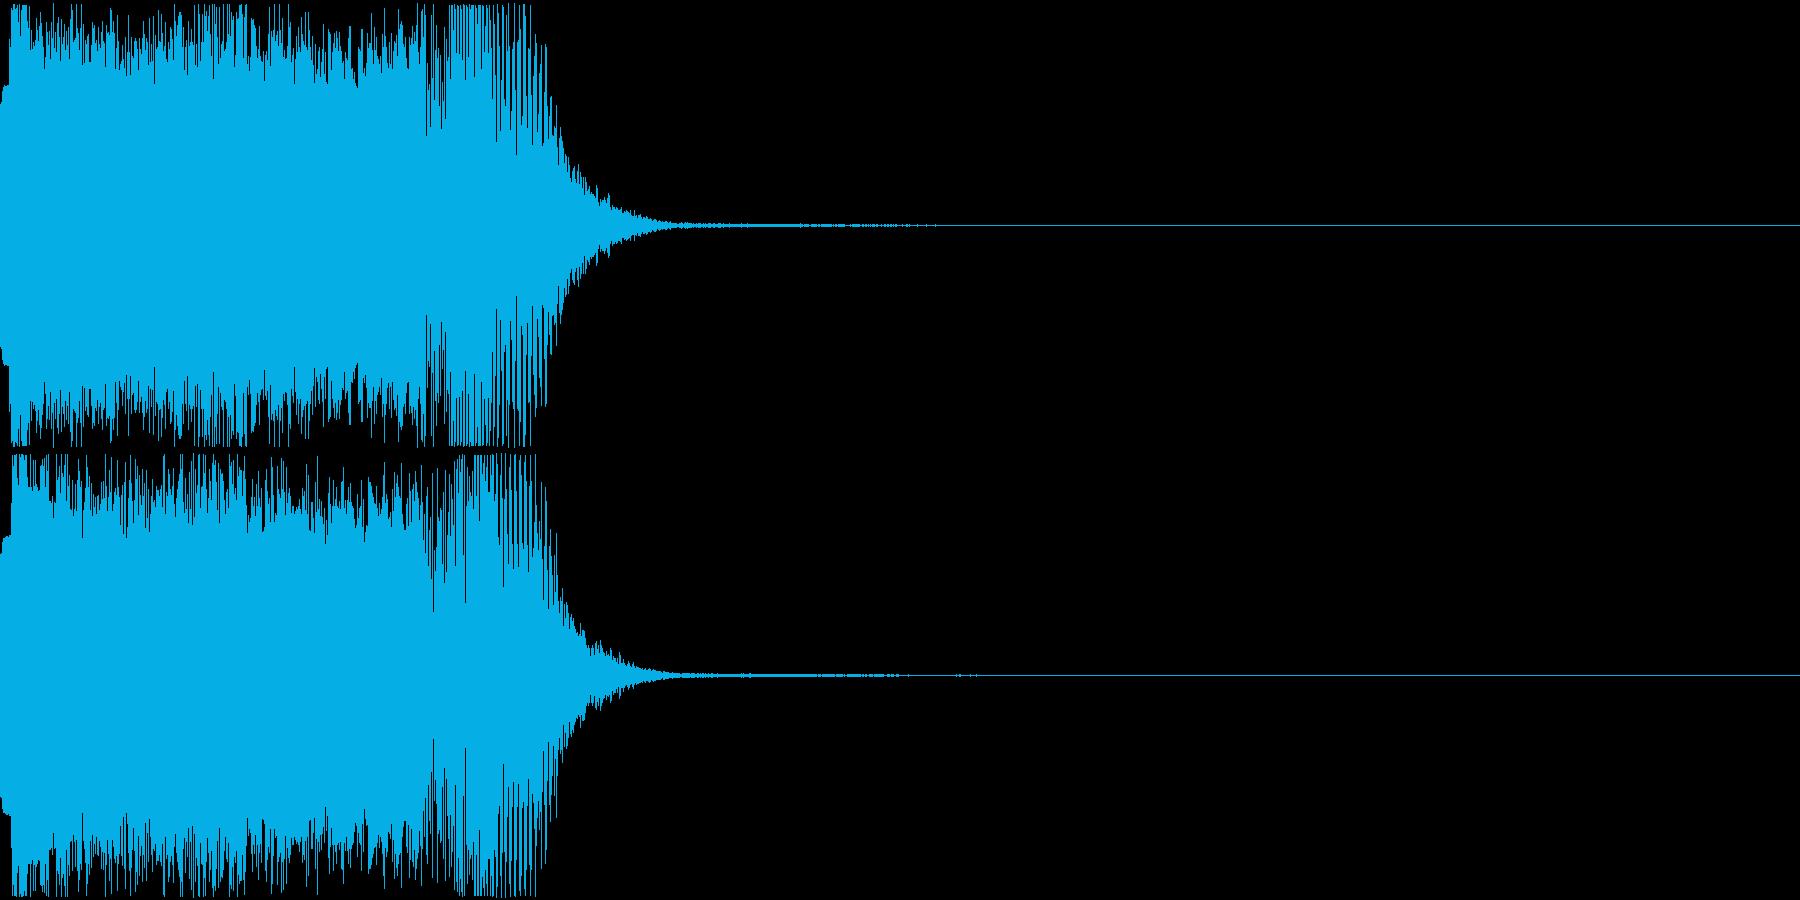 衝撃 ヒューン ピューン ドン 落下の再生済みの波形